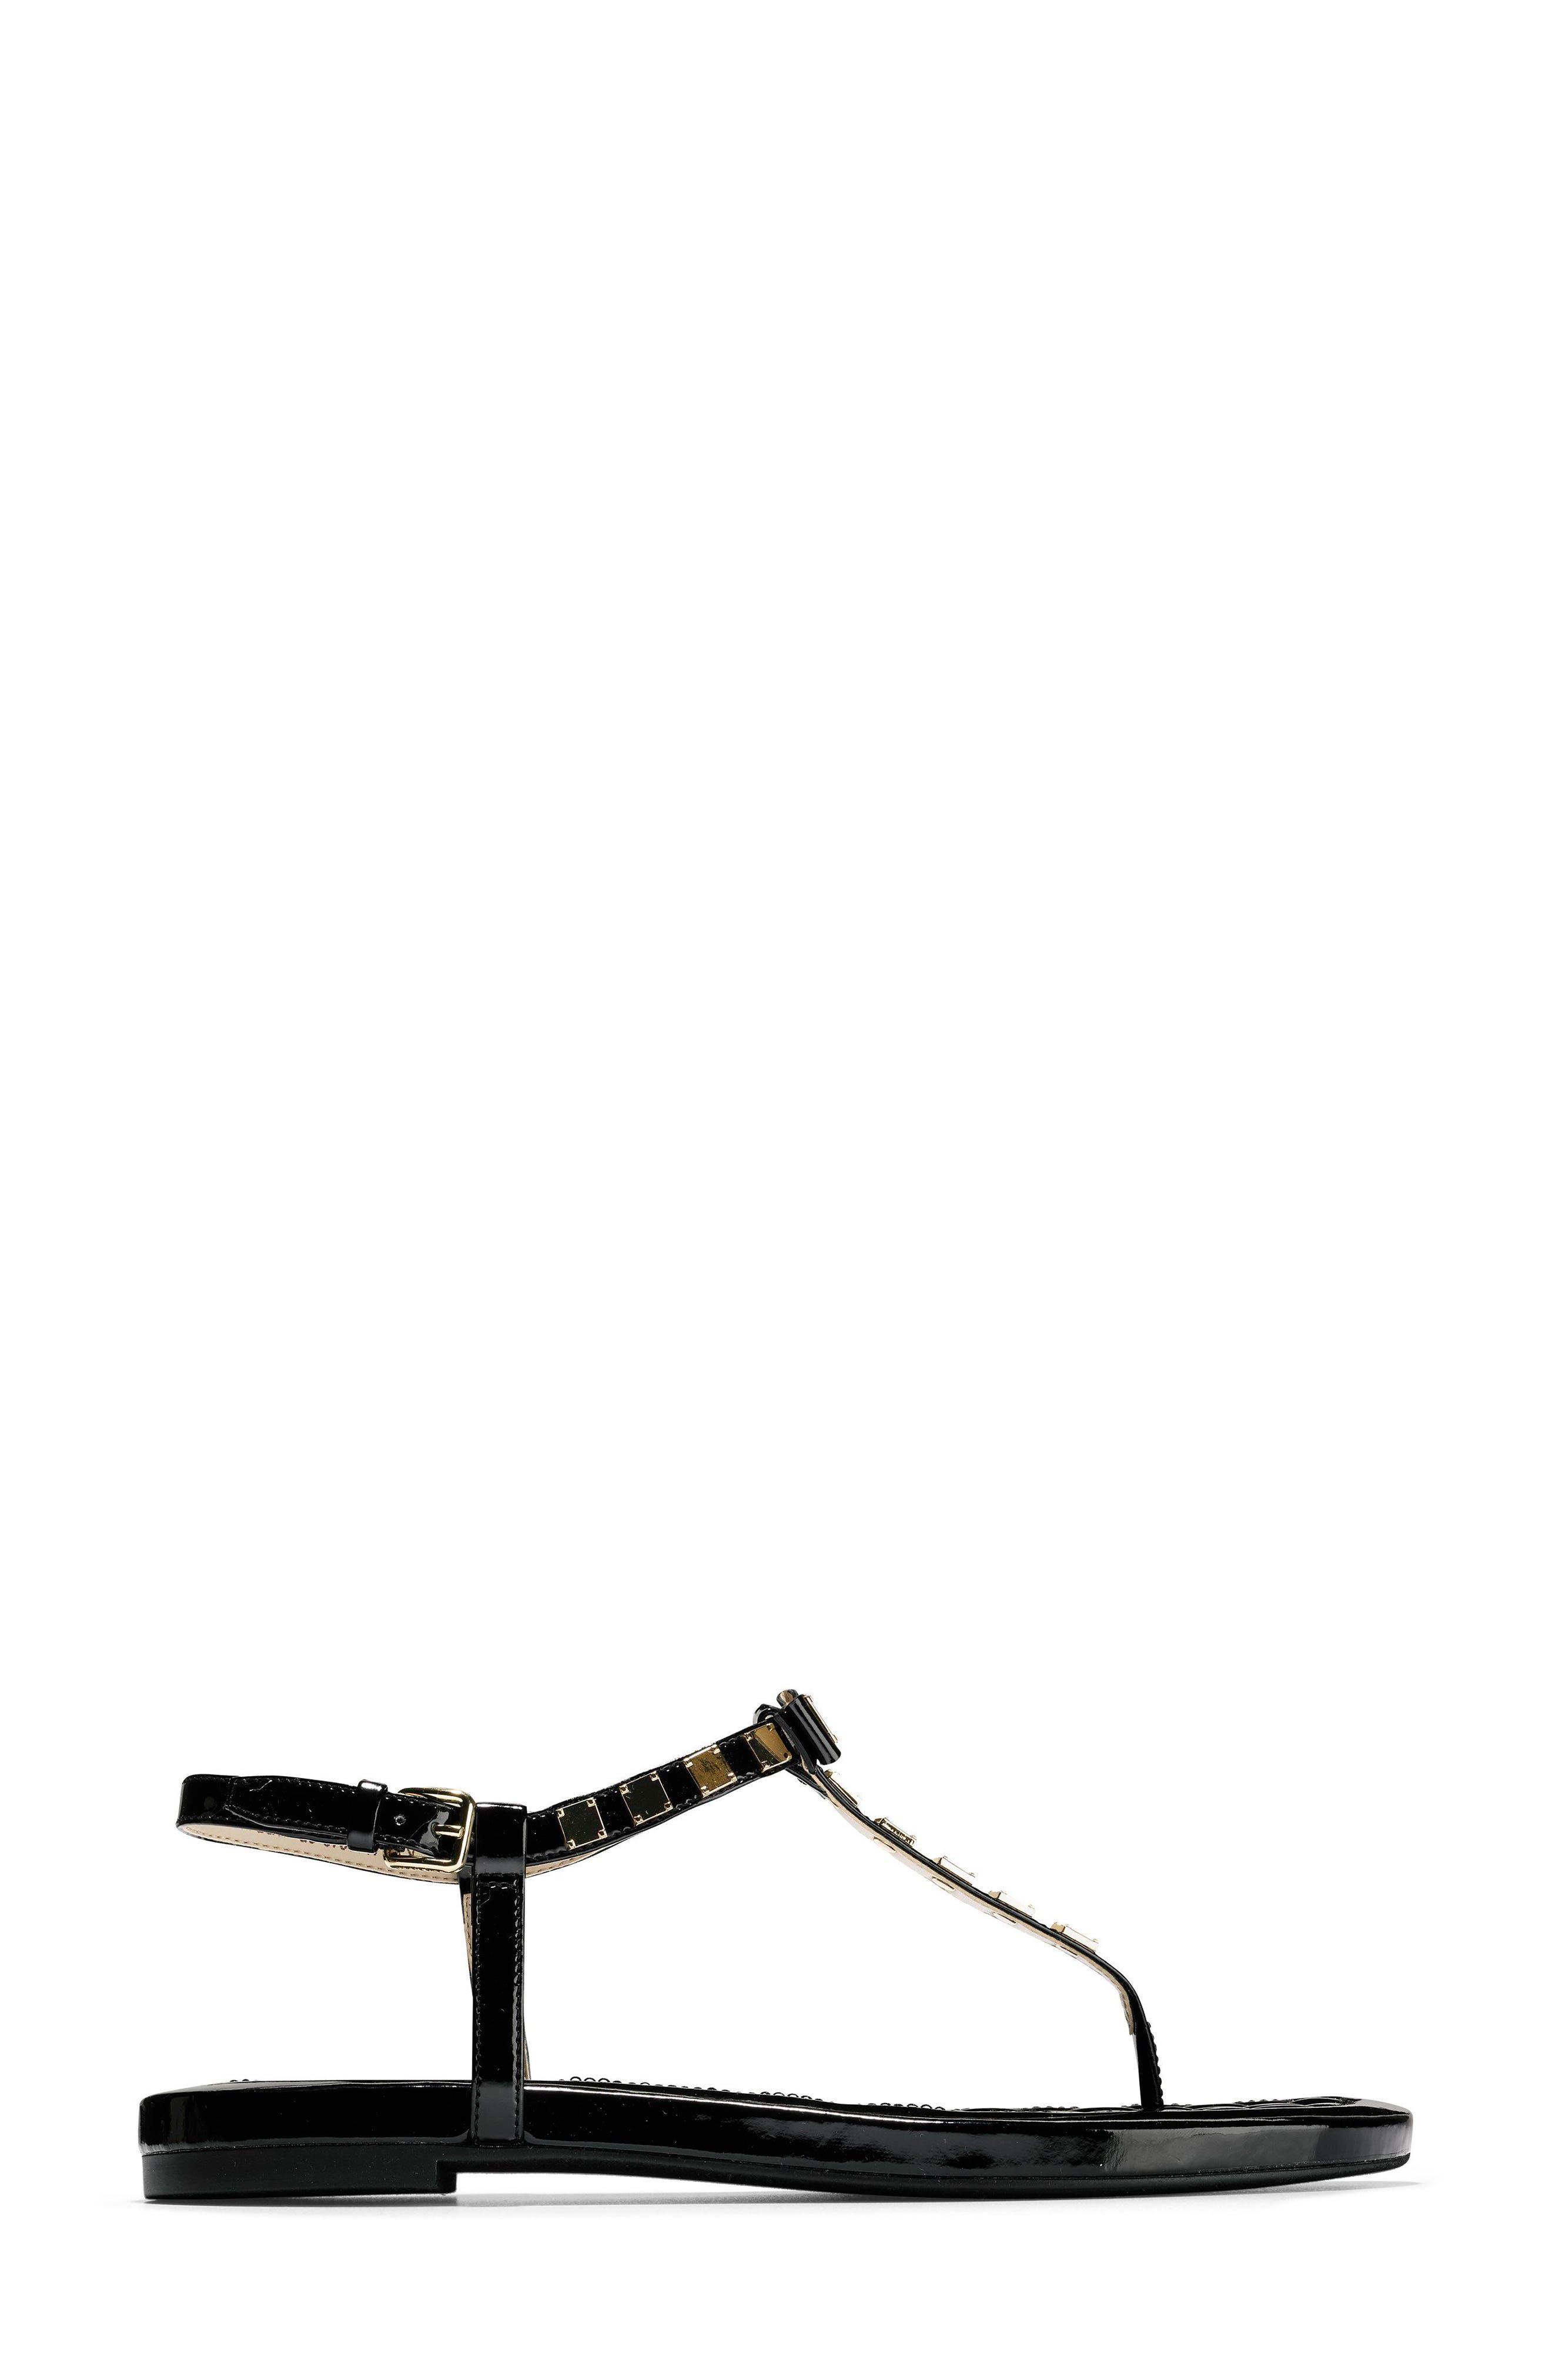 Tali Mini Bow Sandal,                             Alternate thumbnail 3, color,                             Black Patent